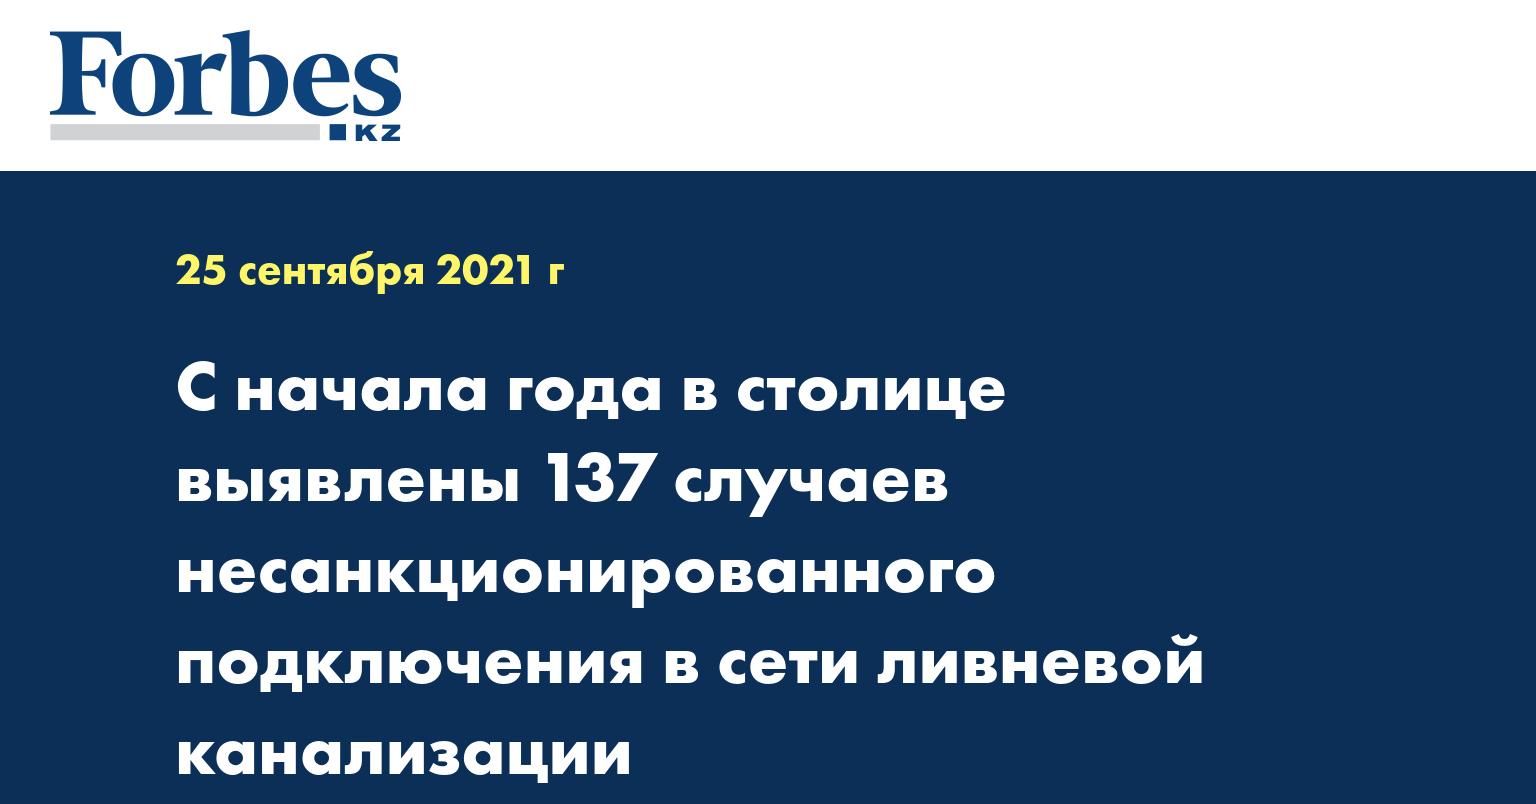 С начала года в столице выявлены 137 случаев несанкционированного подключения в сети ливневой канализации